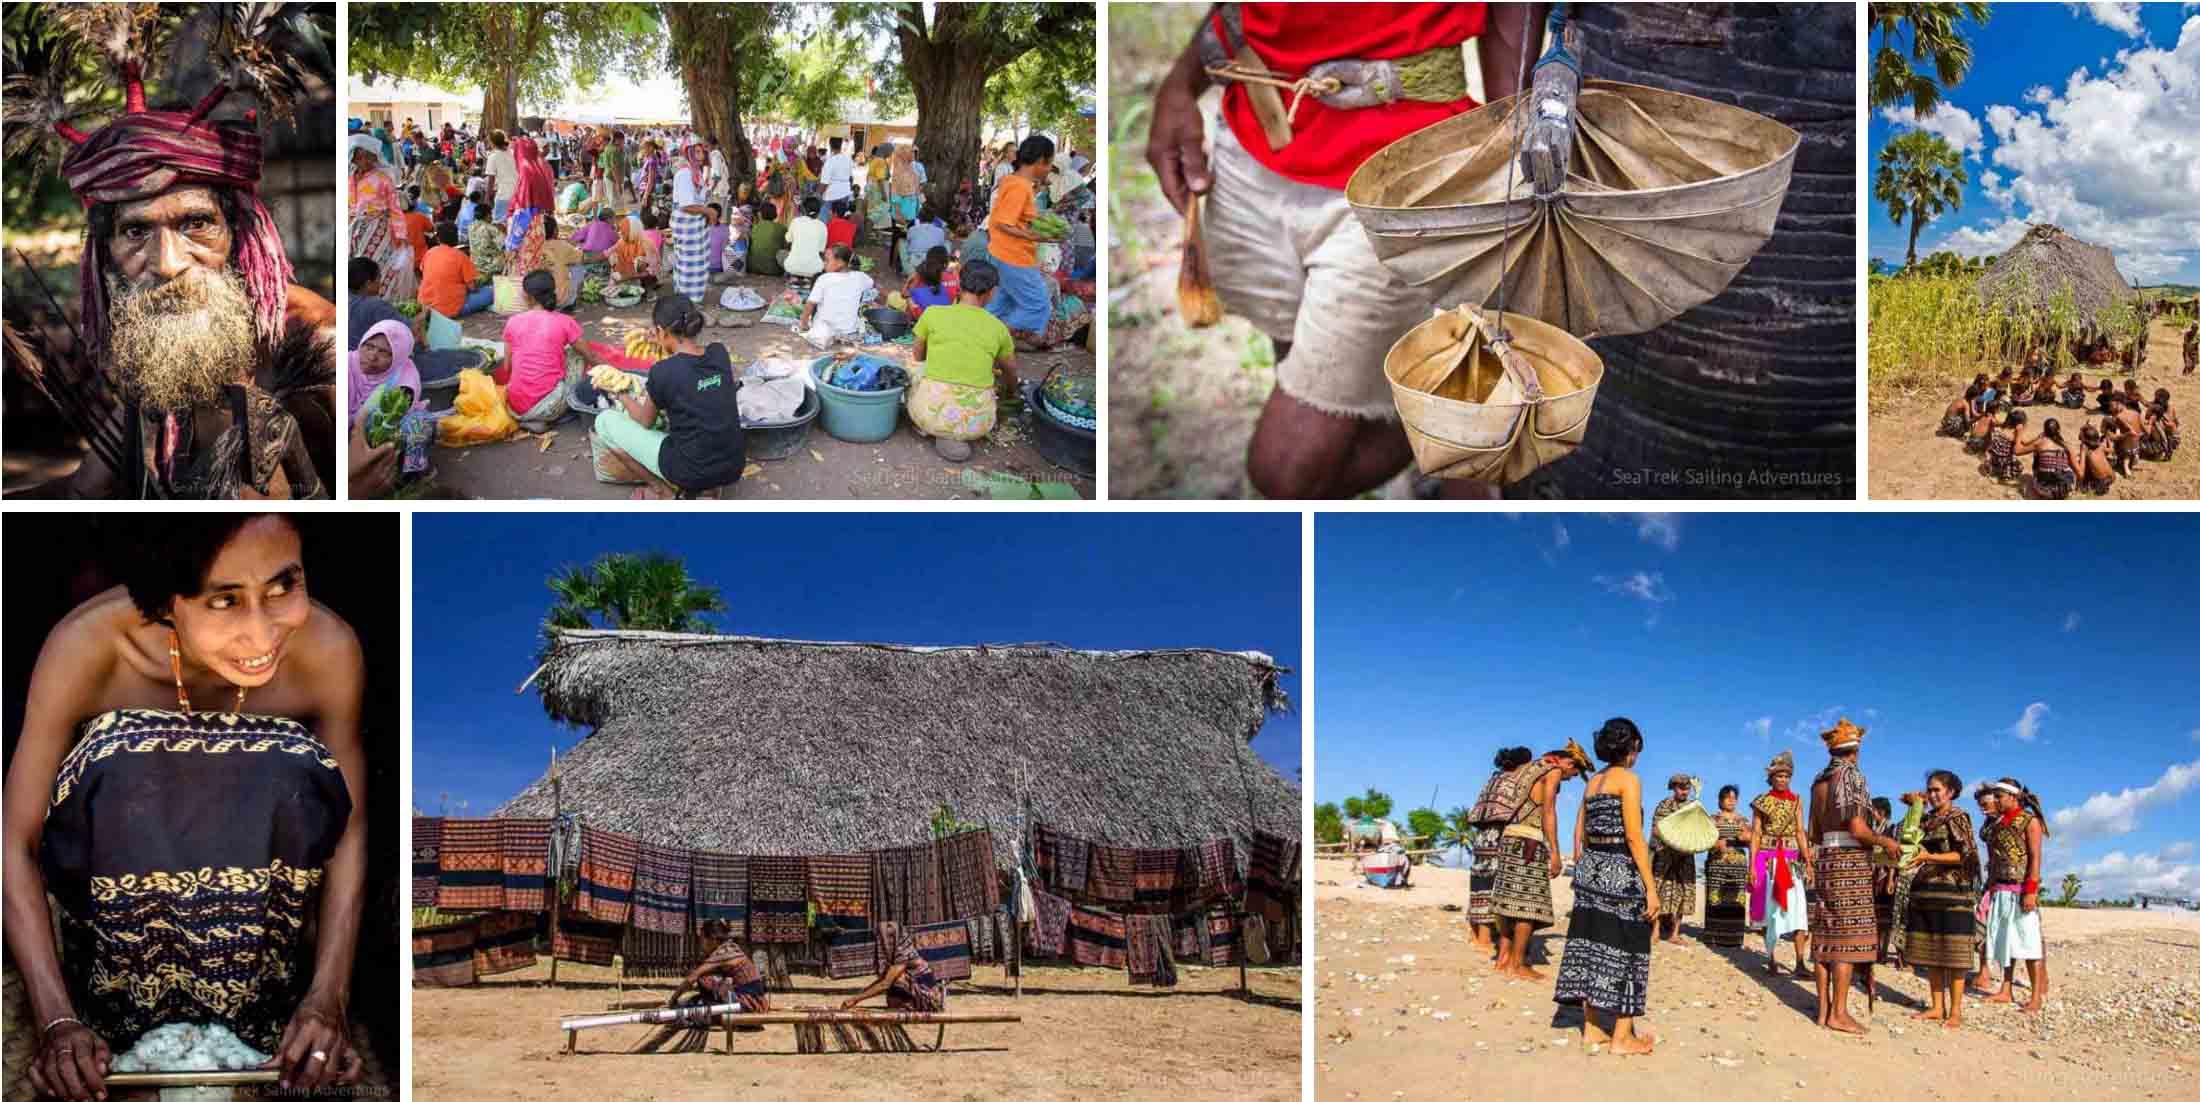 tribal-weaving-of-the-lesser-sunda-islands-4